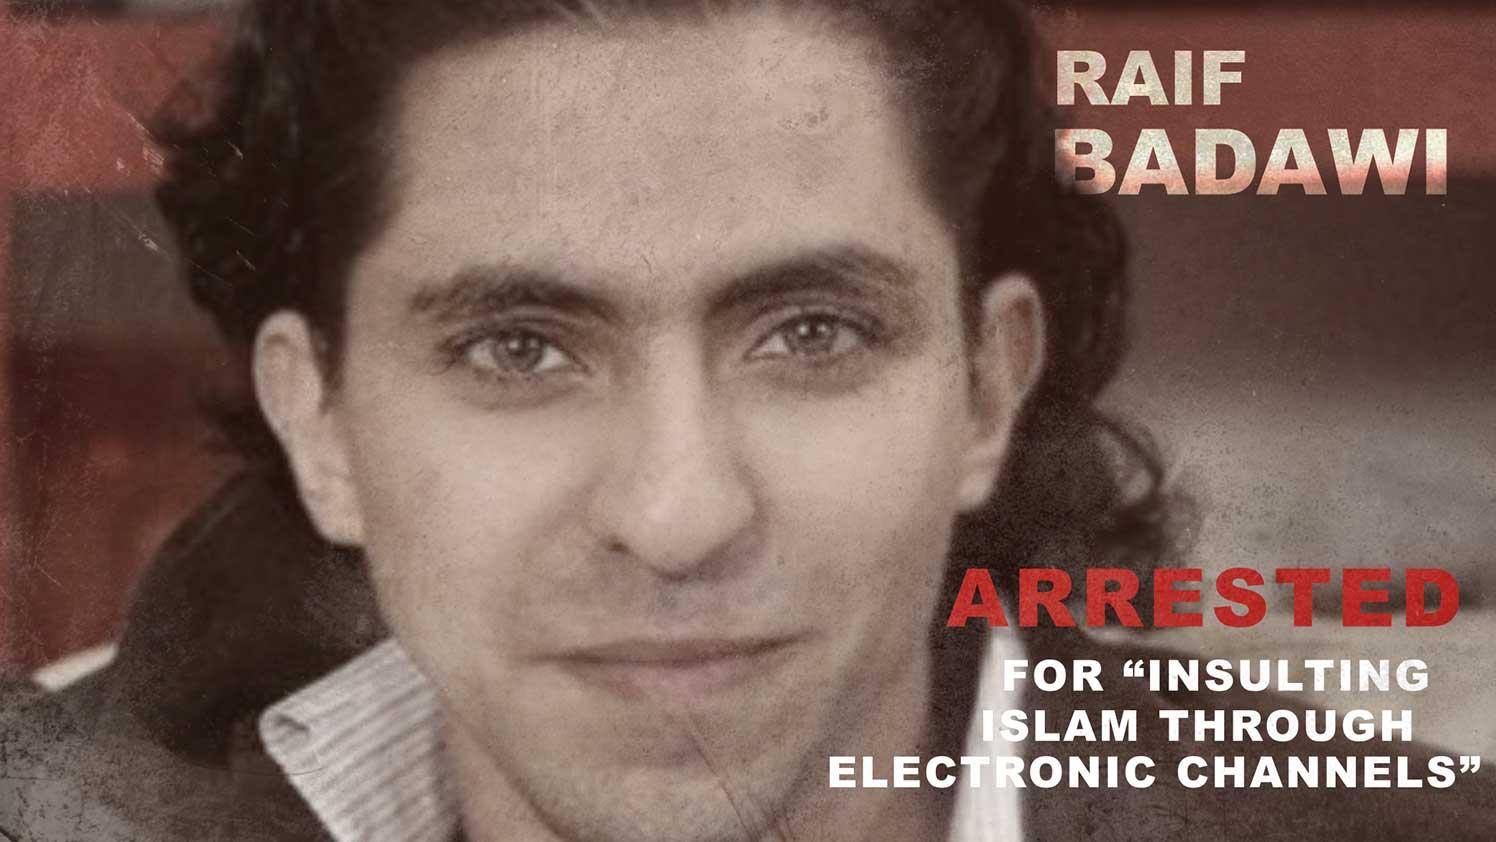 Raif Badawi